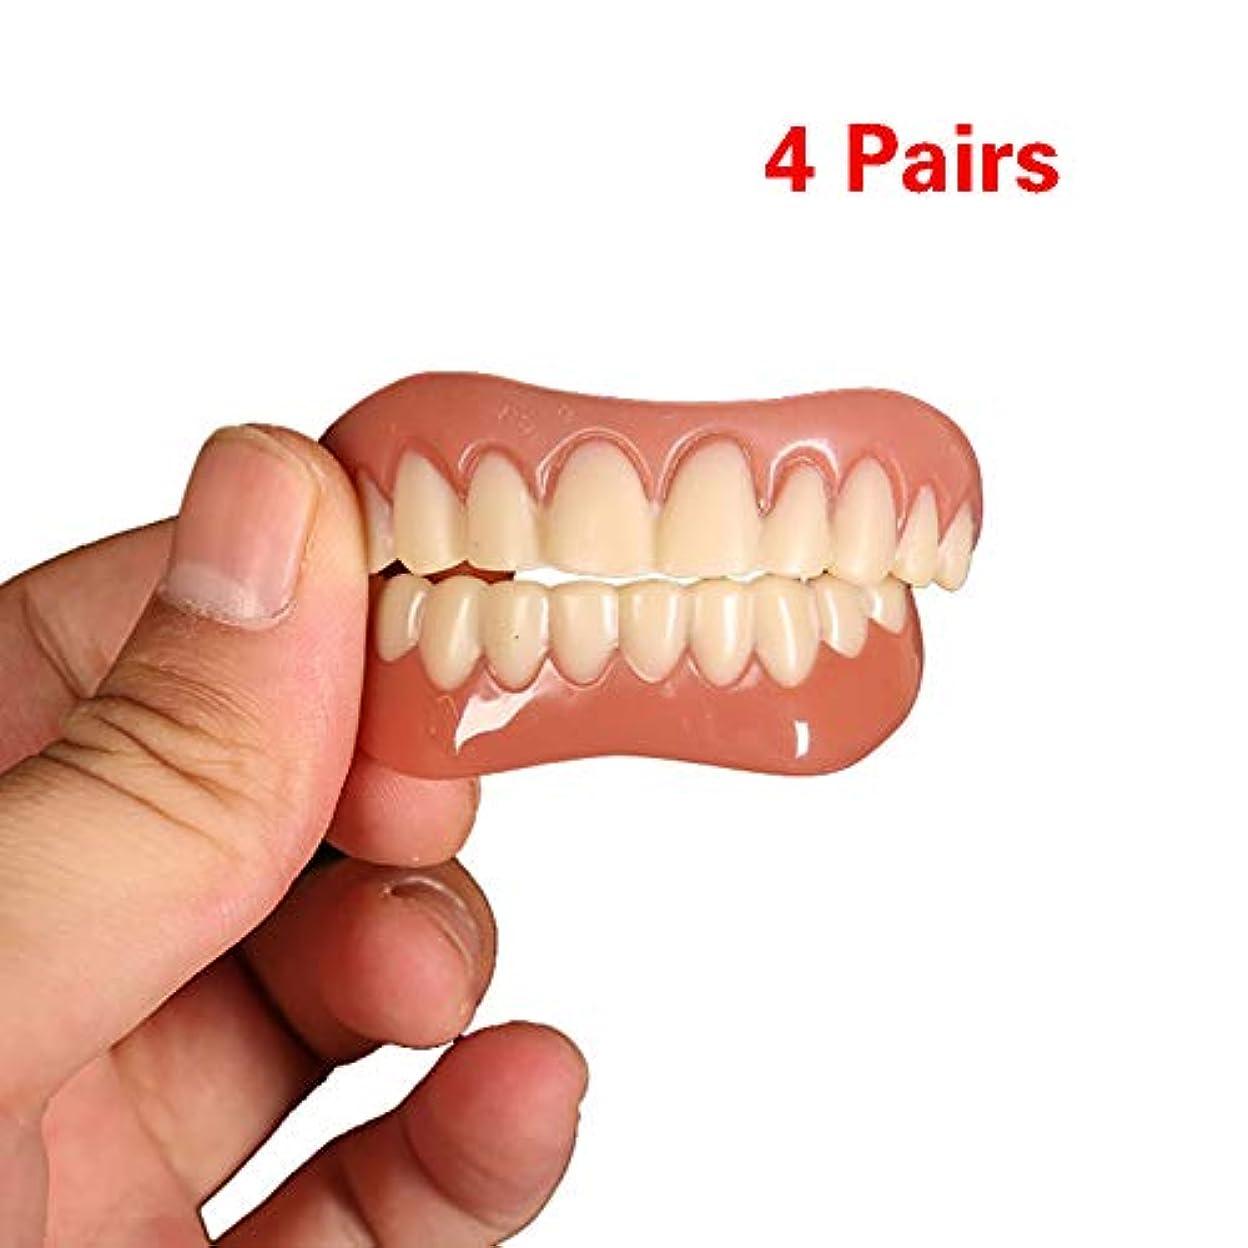 省略する保証金盆歯の快適さフィットフレックス化粧品の歯義歯歯の上+下化粧品のベニヤシミュレーションブレース